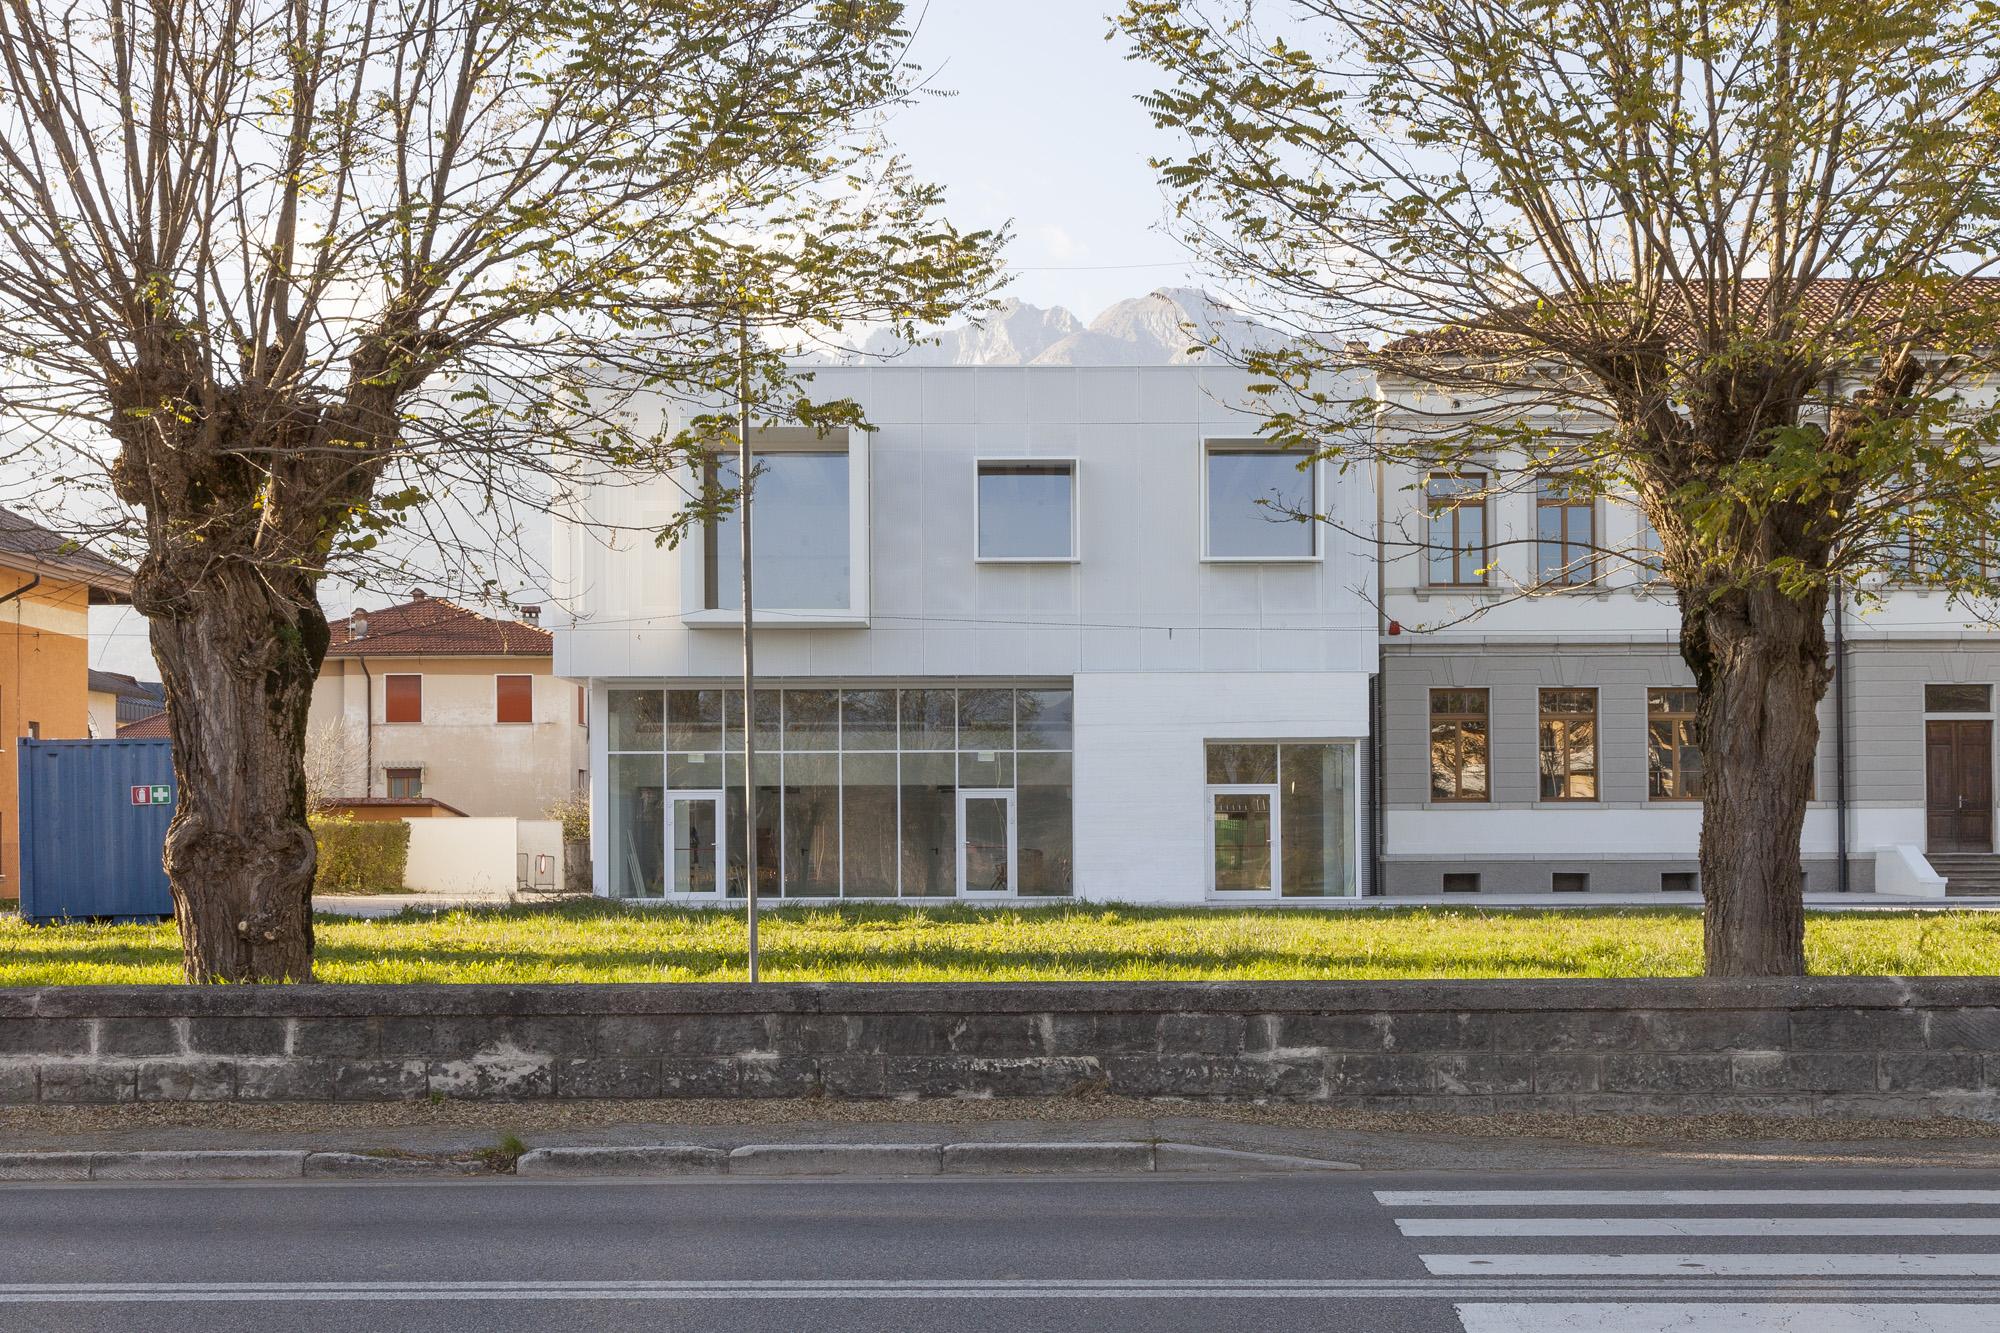 Andrea Bosio - Fotografia architettura - Sbarch - Sedico - Luxottica